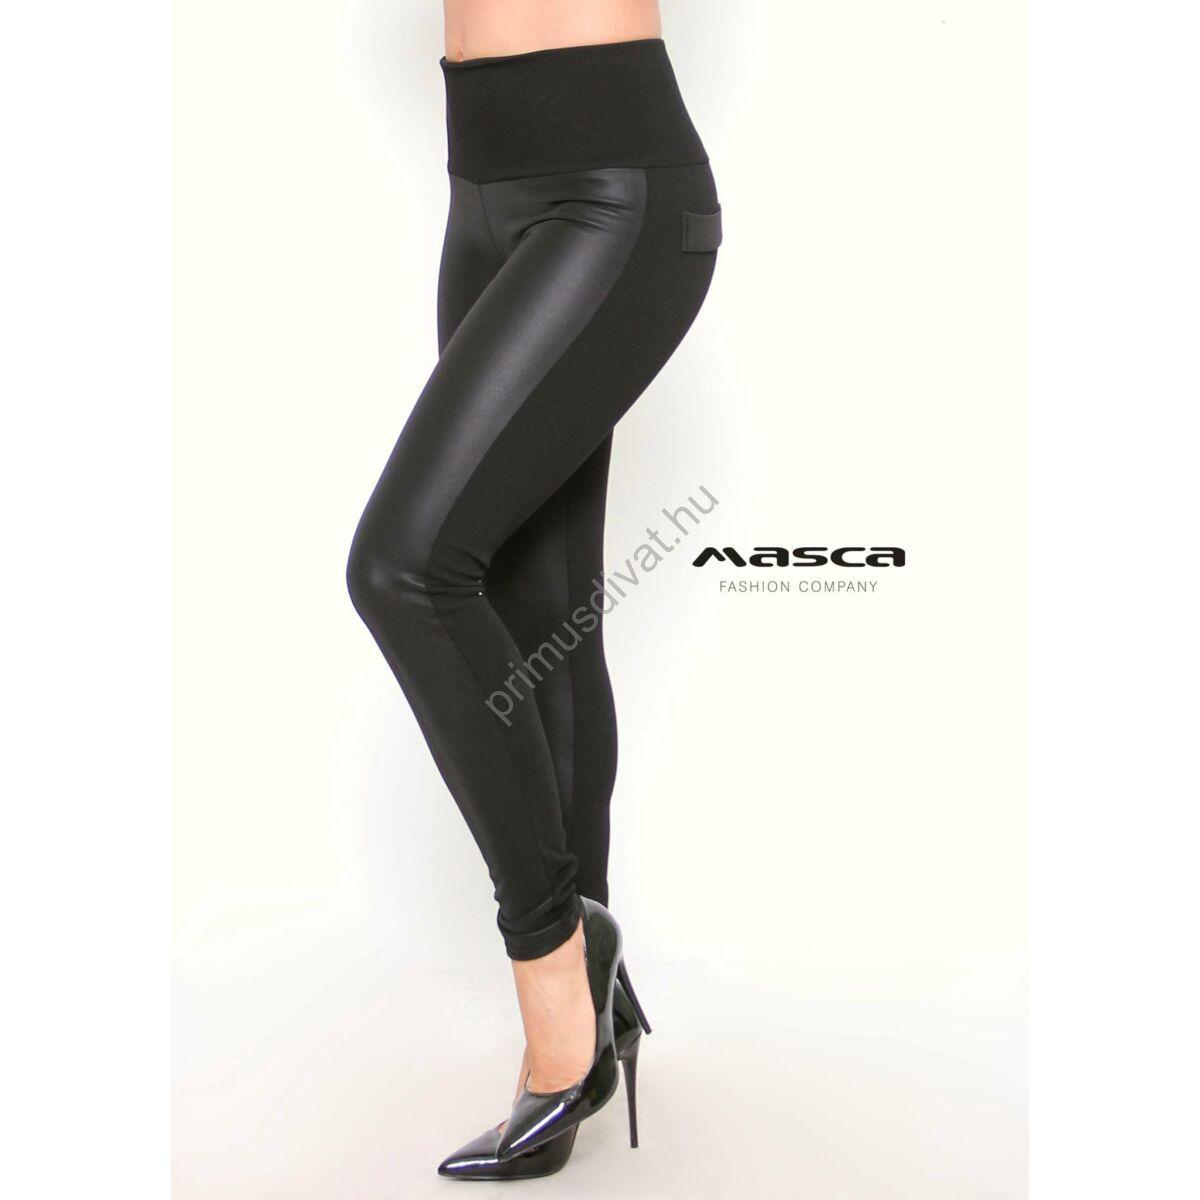 1a4adab279 Kép 1/1 - Masca Fashion magas derekú műbőr elejű rugalmas fekete cicanadrág,  leggings, hátán zsebfedőkkel